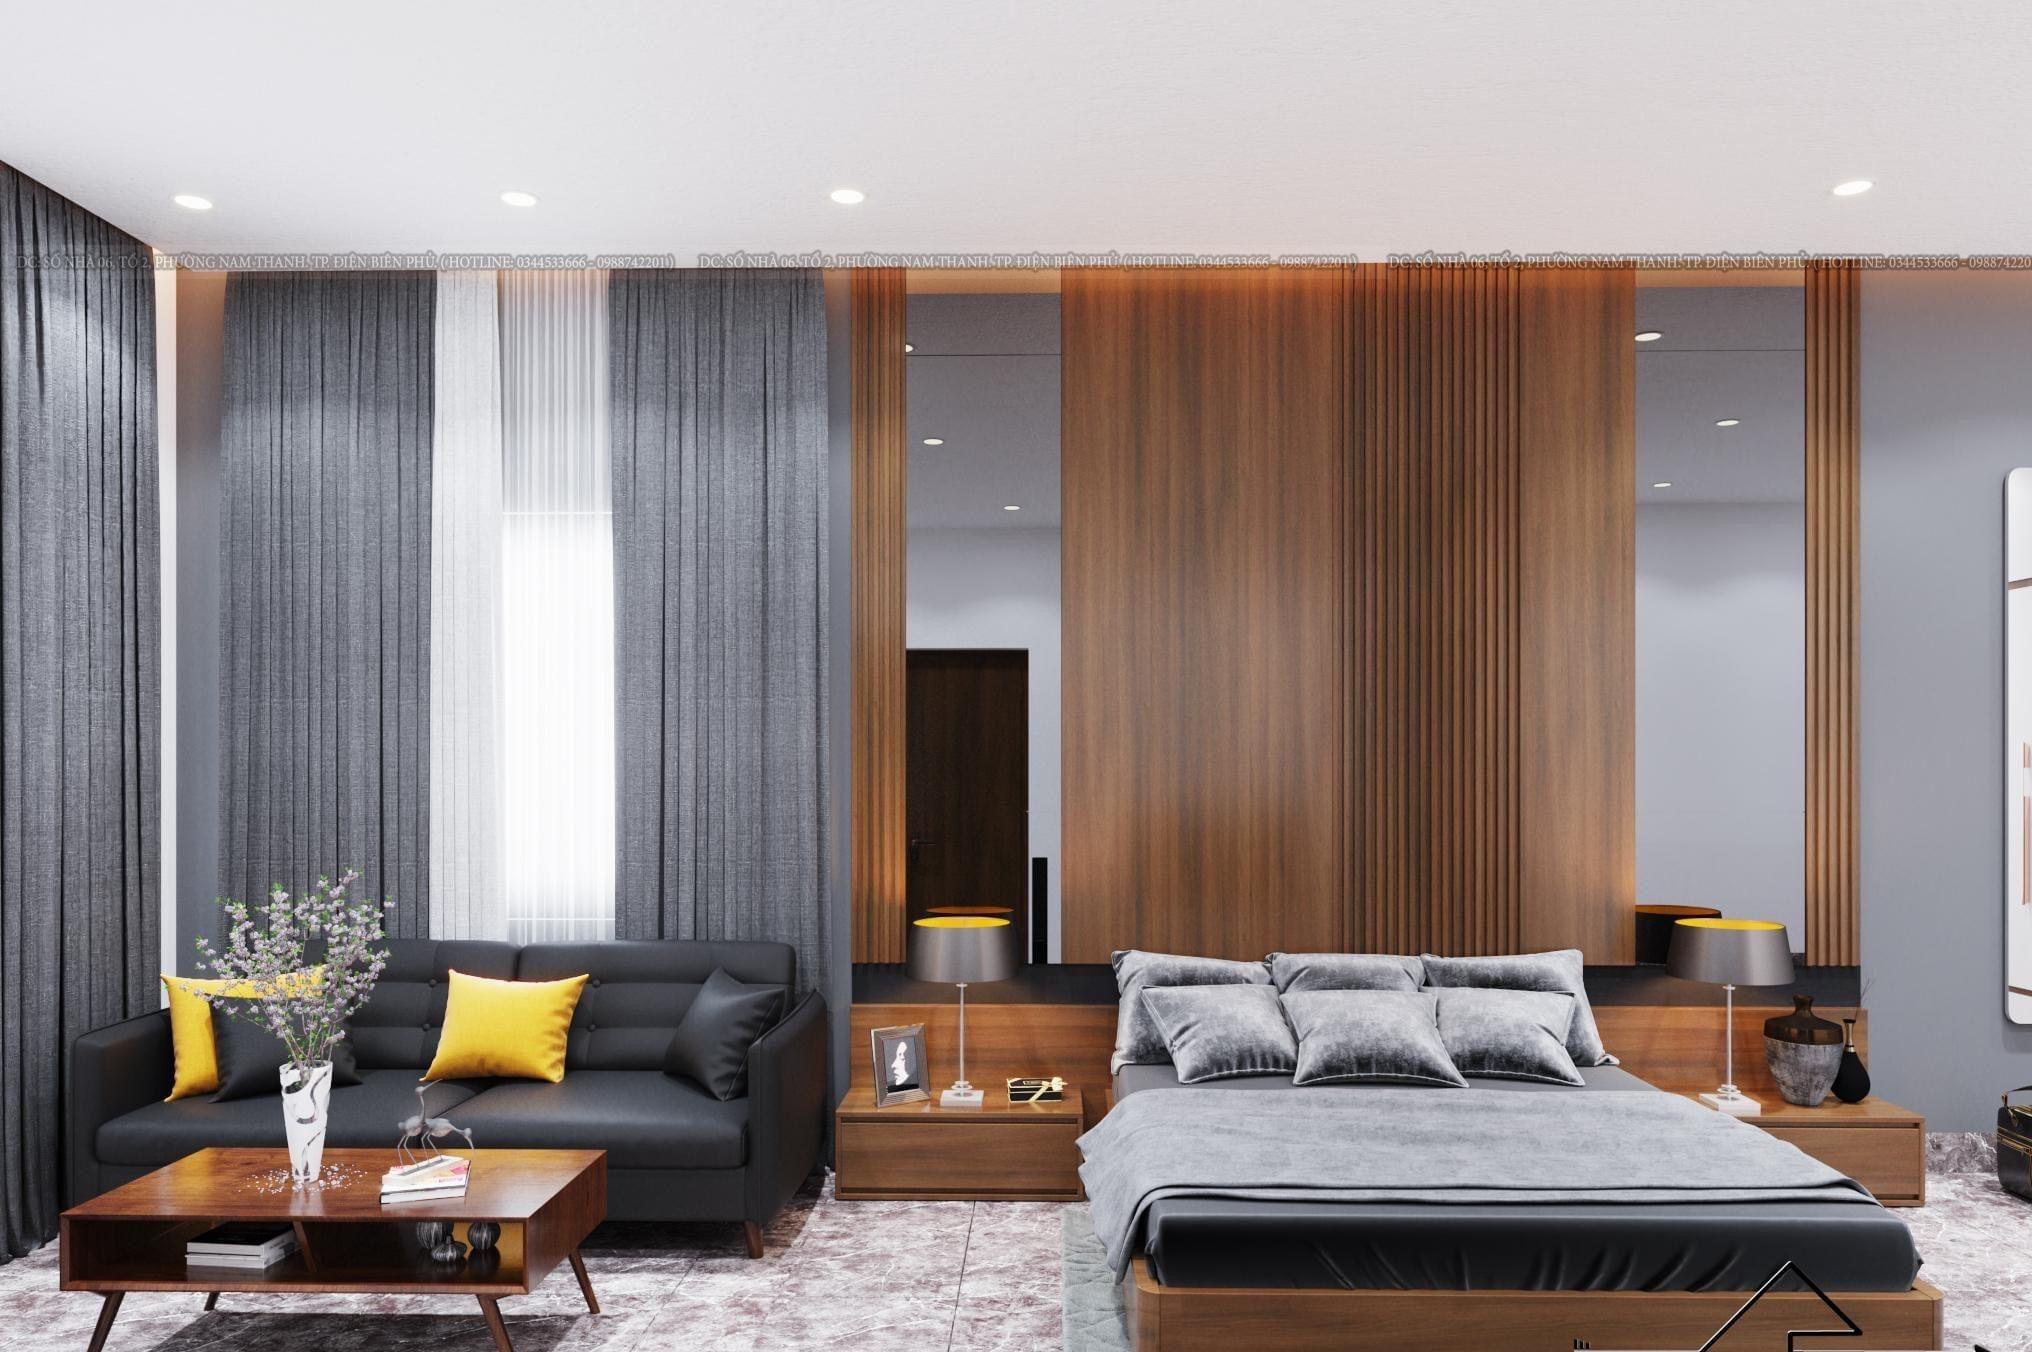 Tấm nhựa ốp tường tăng tính thẩm mỹ cho căn phòng